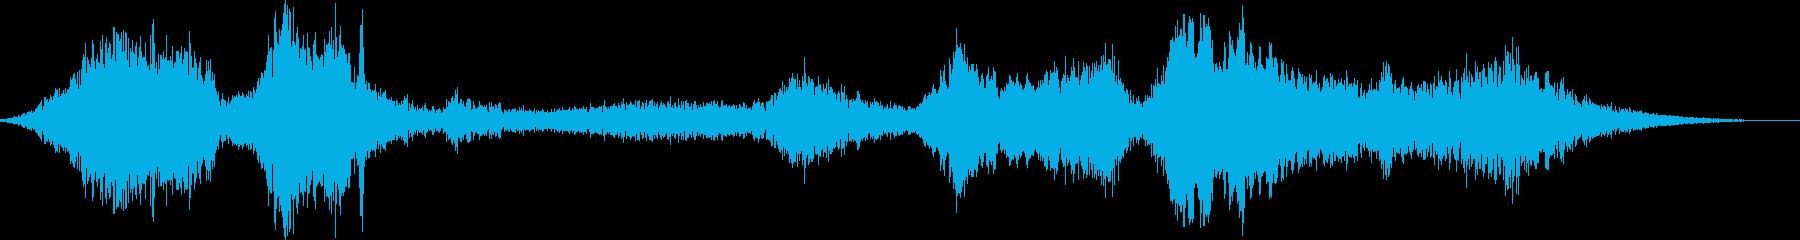 【シンセサイザー】 SFX 環境音 33の再生済みの波形